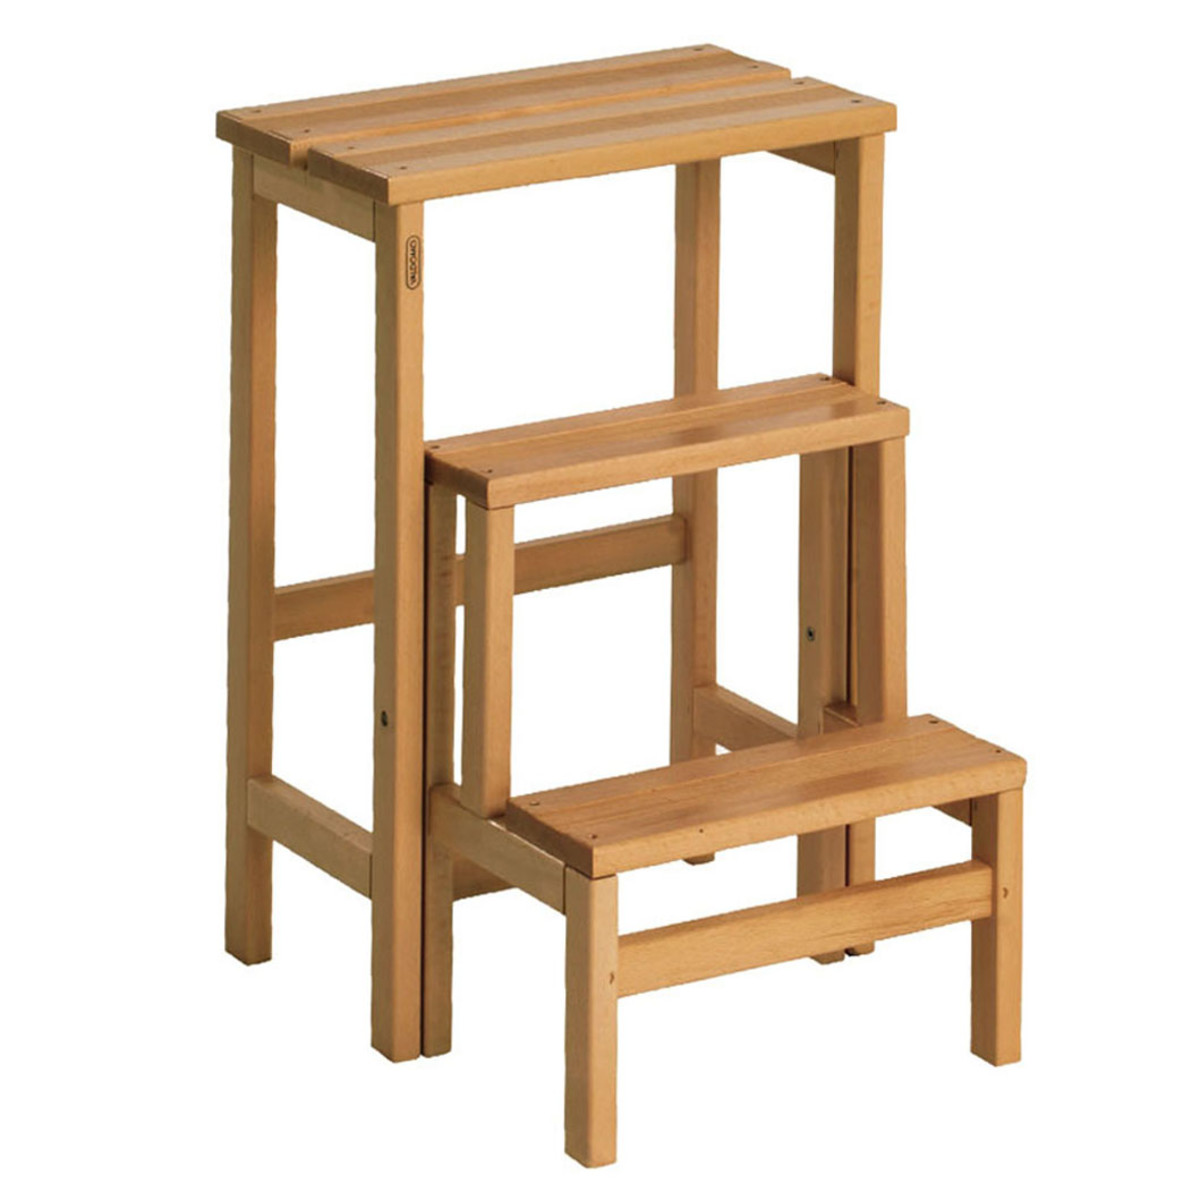 Sgabello in legno 3 gradini valdomo su e gi prezzi e for Gradini in legno prezzi